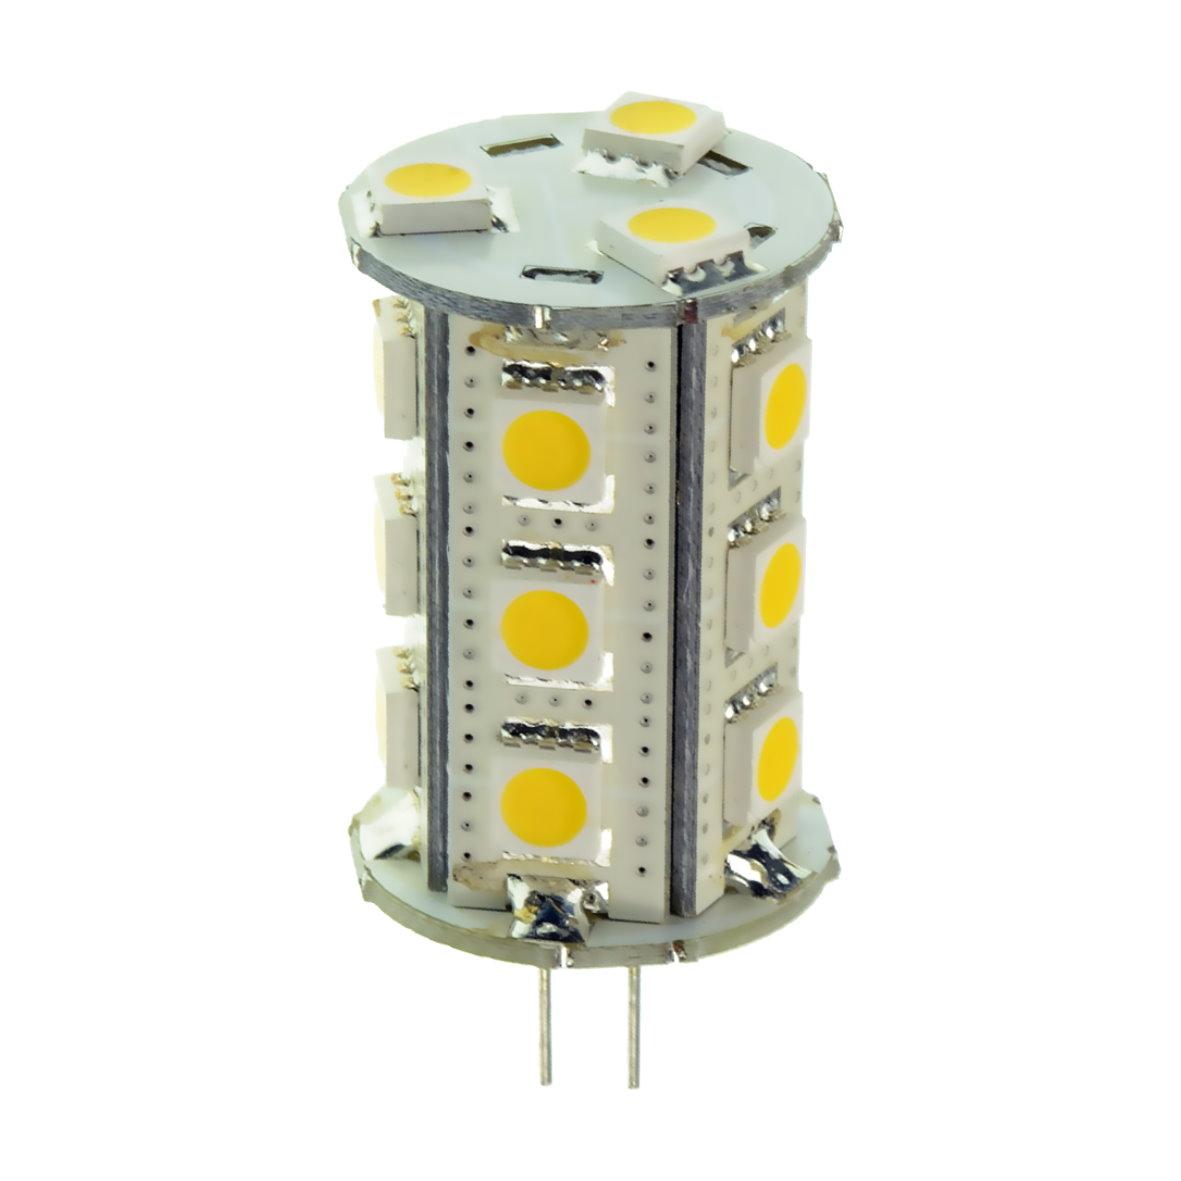 led smd cob cree g4 stift sockel 12v stiftsockel leuchtmittel birne licht lampe ebay. Black Bedroom Furniture Sets. Home Design Ideas